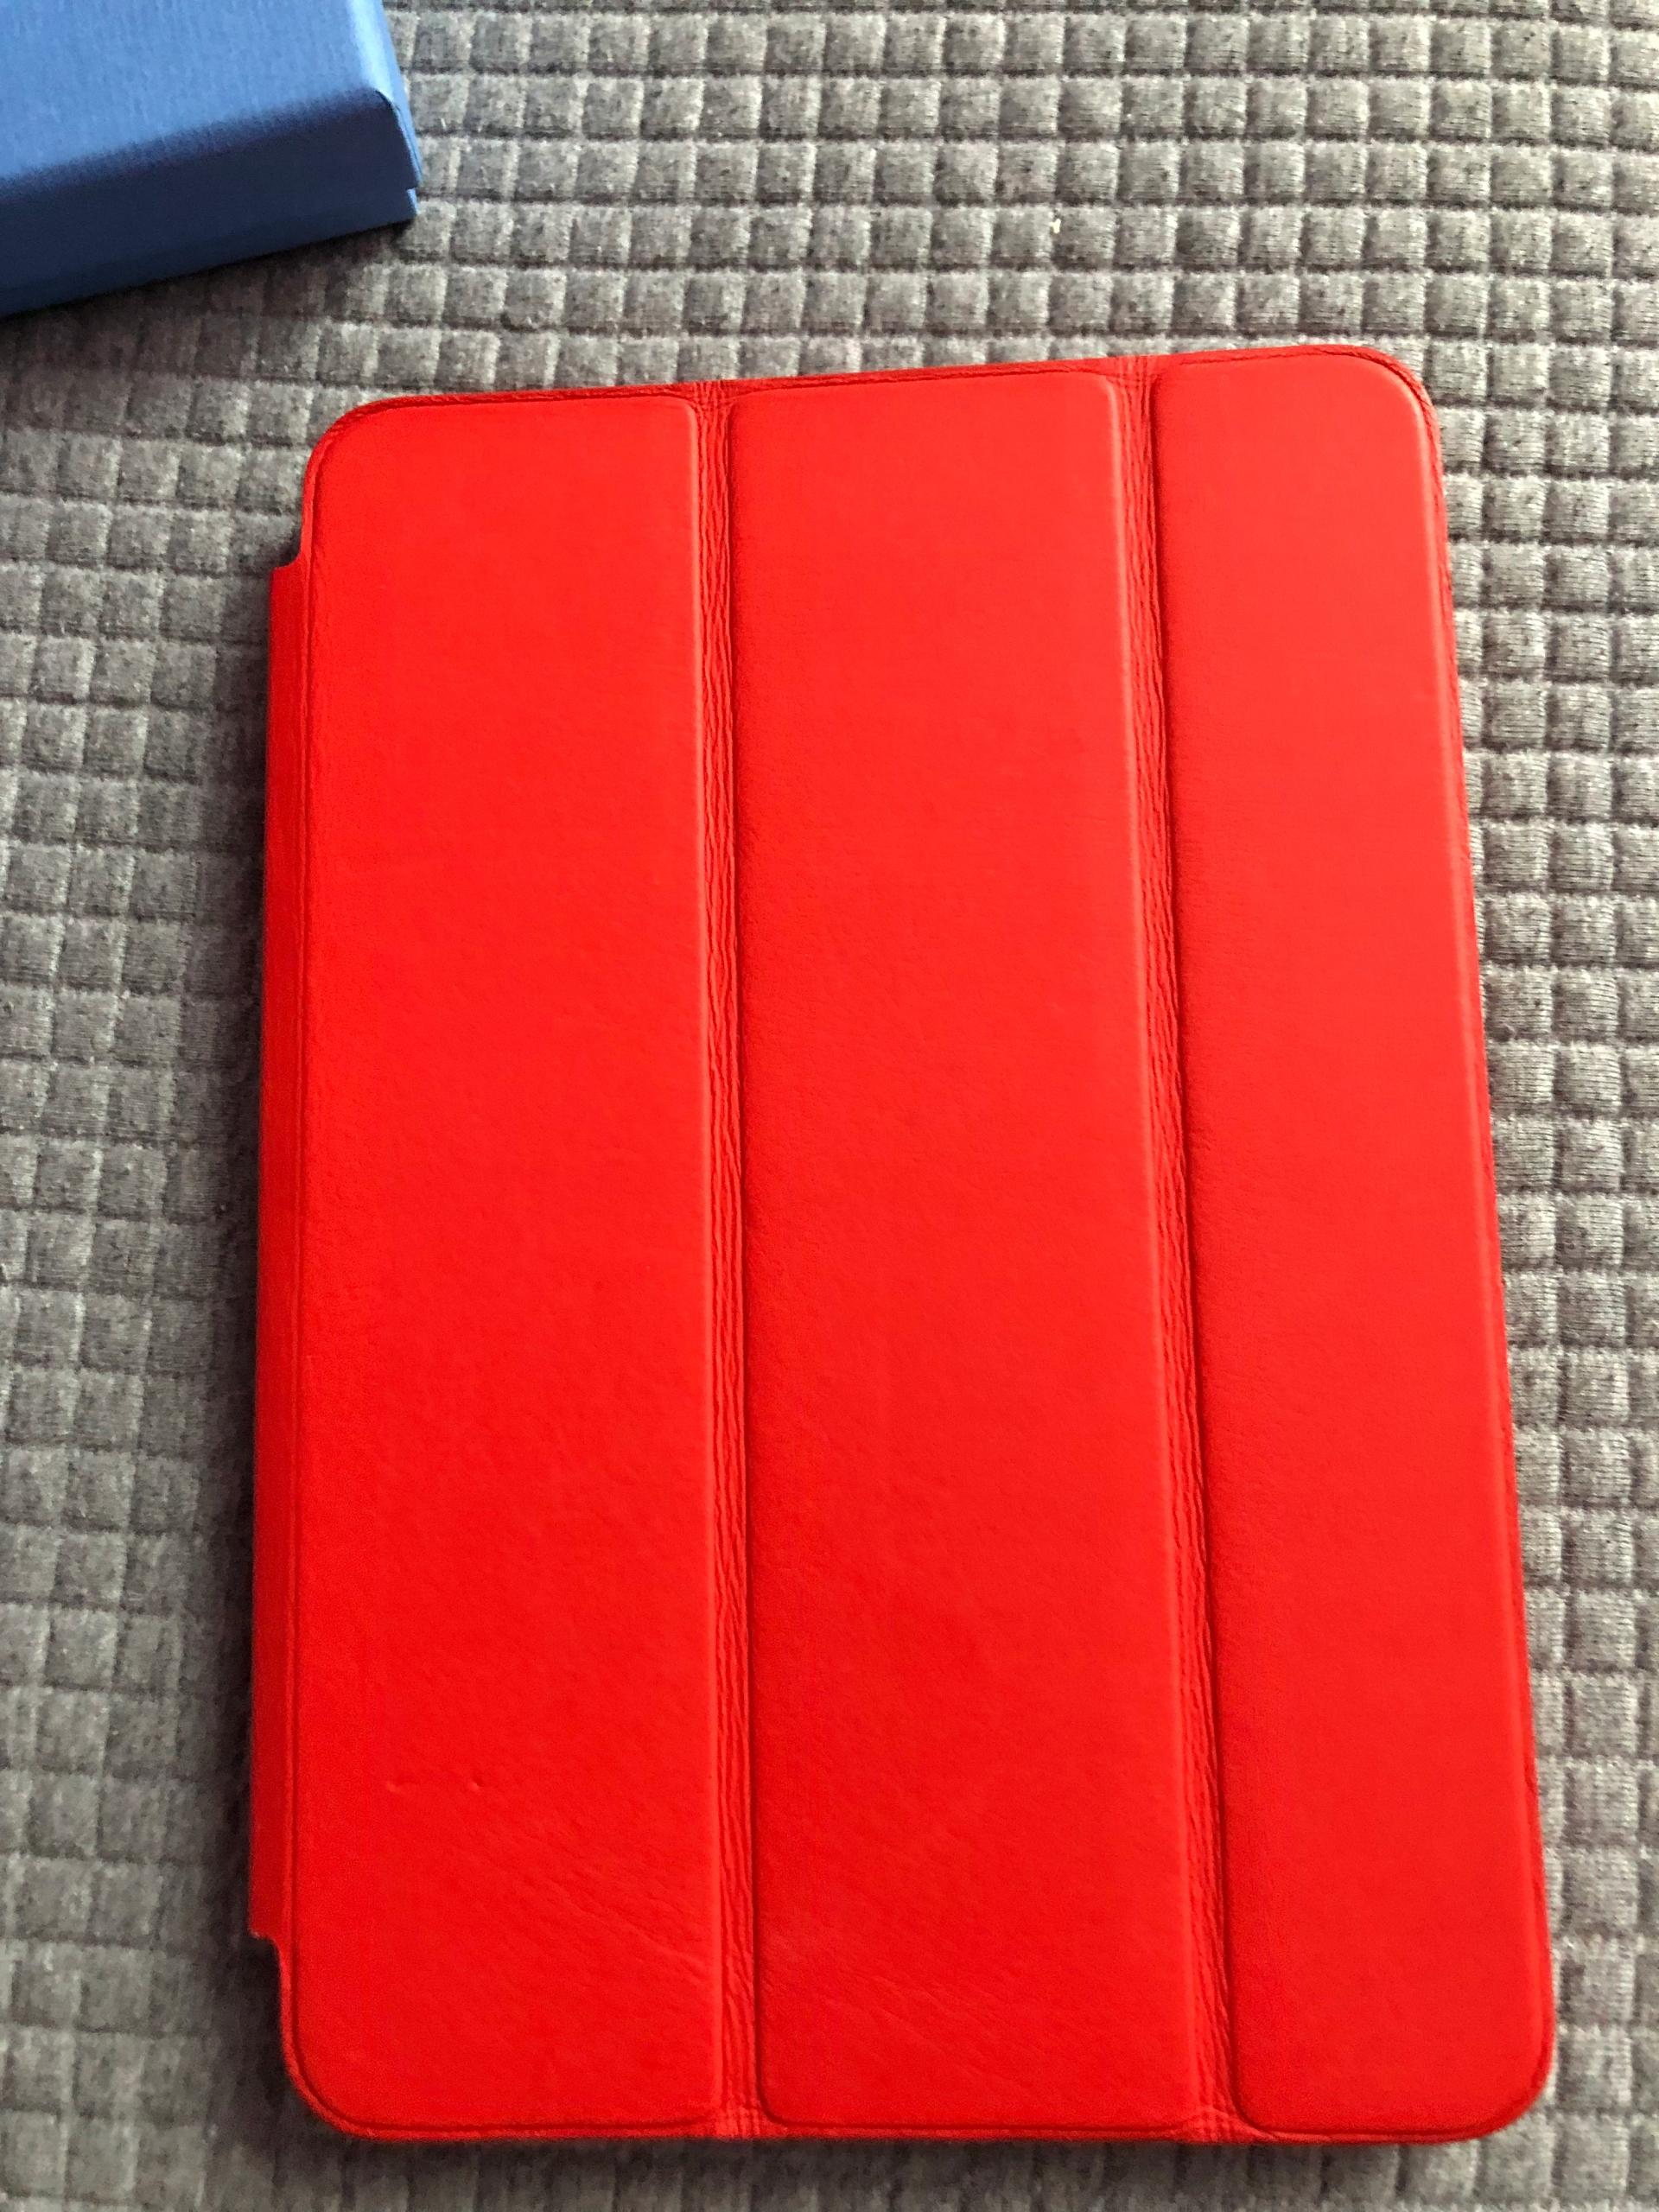 69c97277b9e53b Apple iPad mini 4 Case czerwony Skora - 7765355120 - oficjalne ...